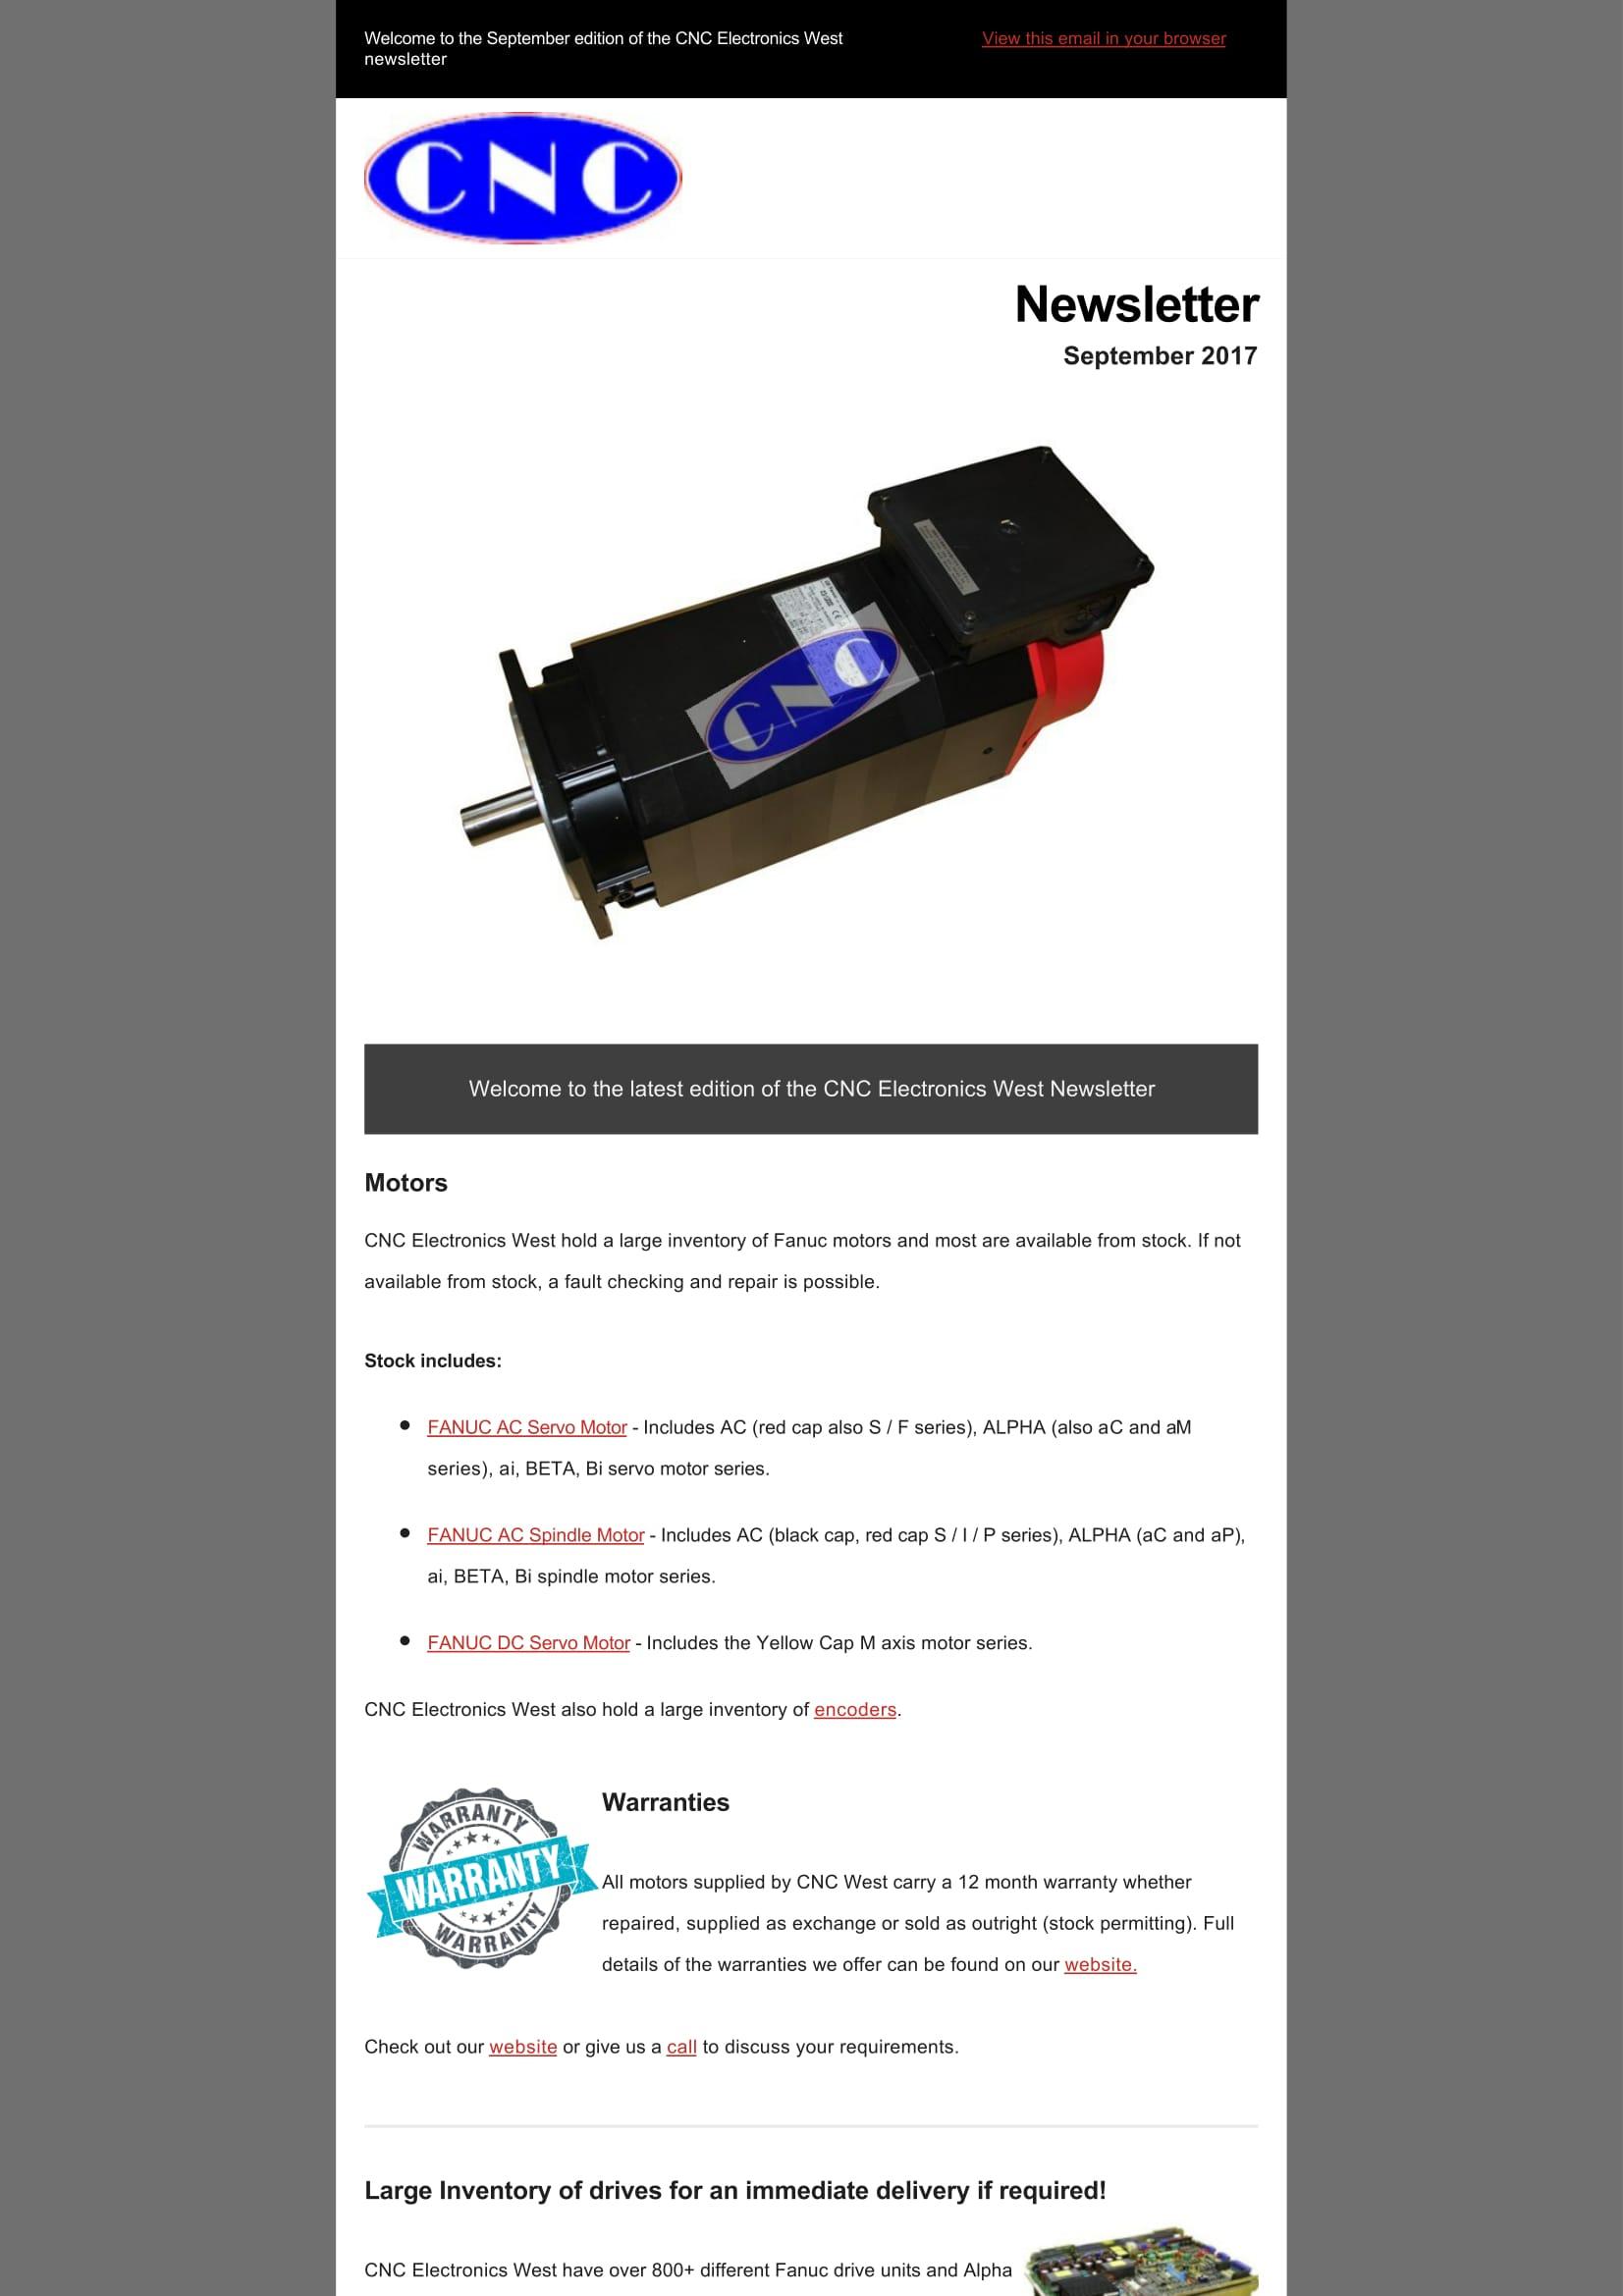 PDFY_HTML_TO_PDF-1